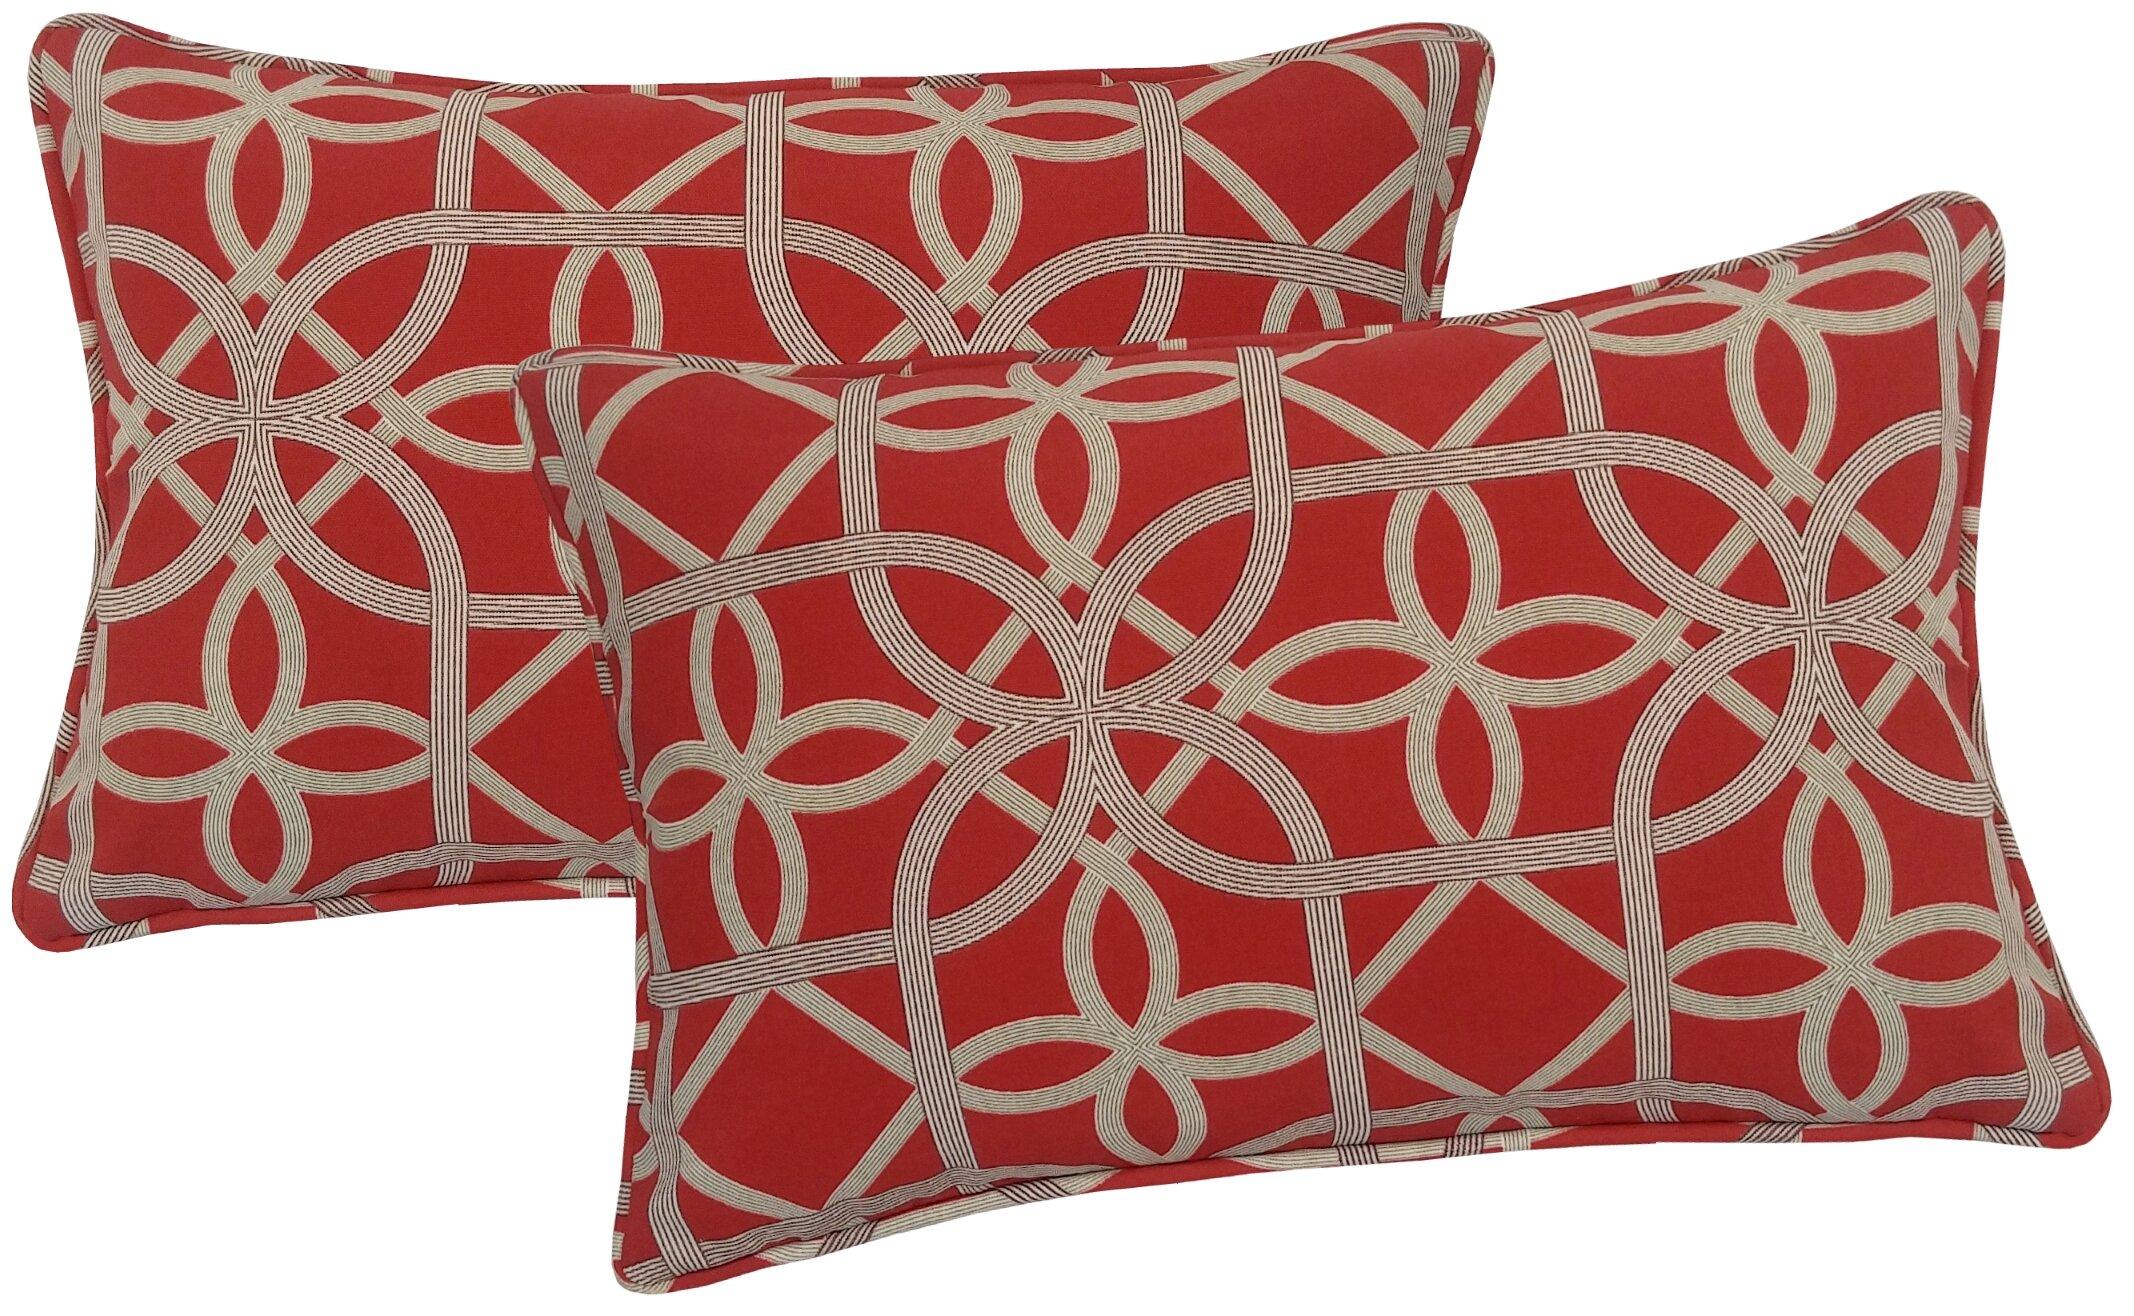 lily serena pp crop natural outdoor lumbar pillows santa pillow mv cruz dec sh naturall cover